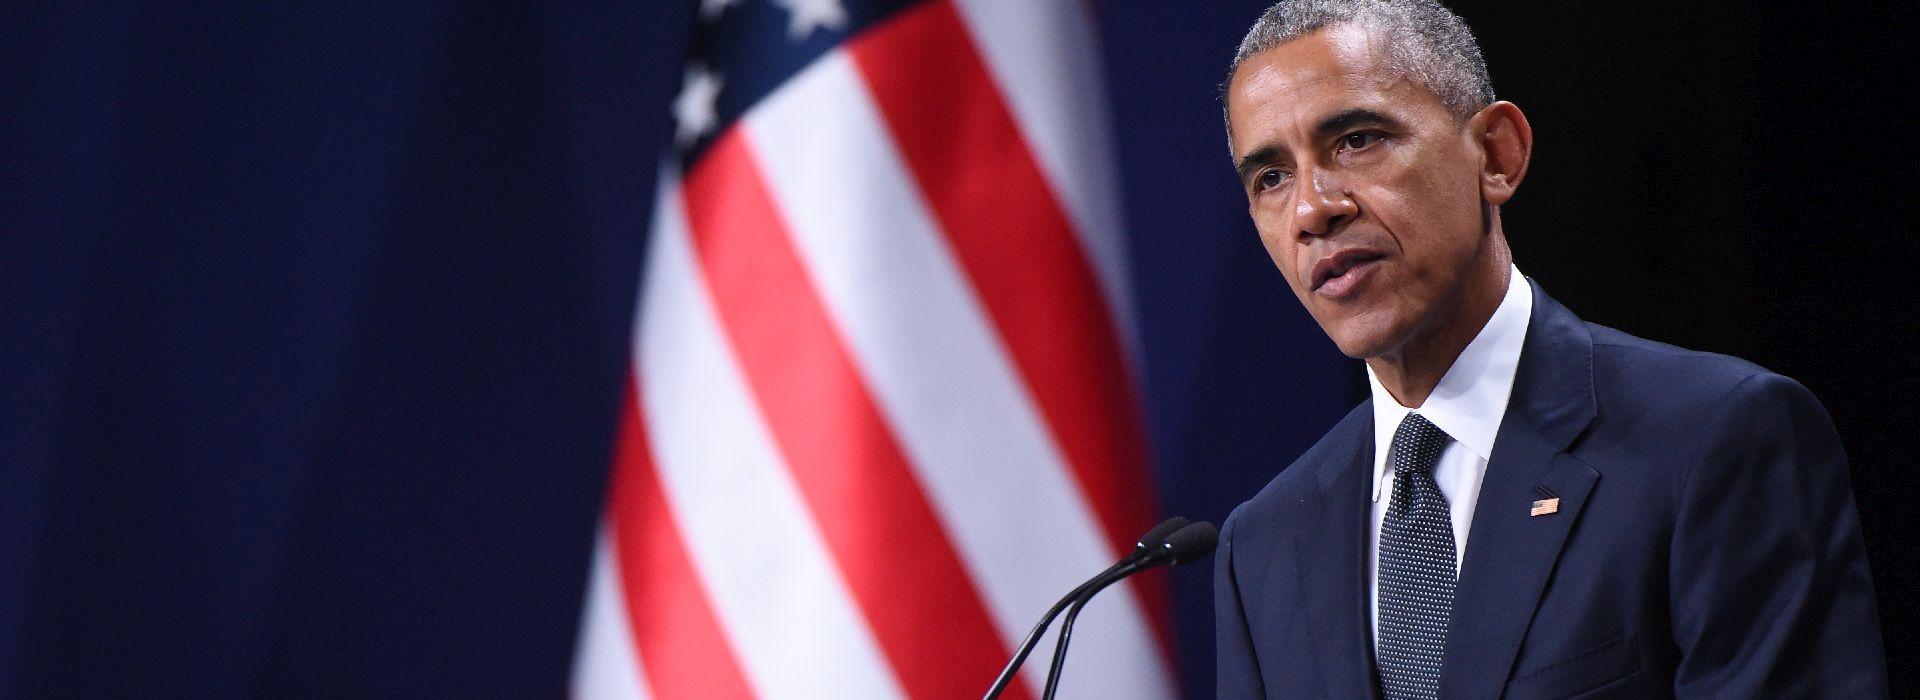 Obama zapłacił 400 mln. dolarów za uwolnienie czterech Amerykanów?